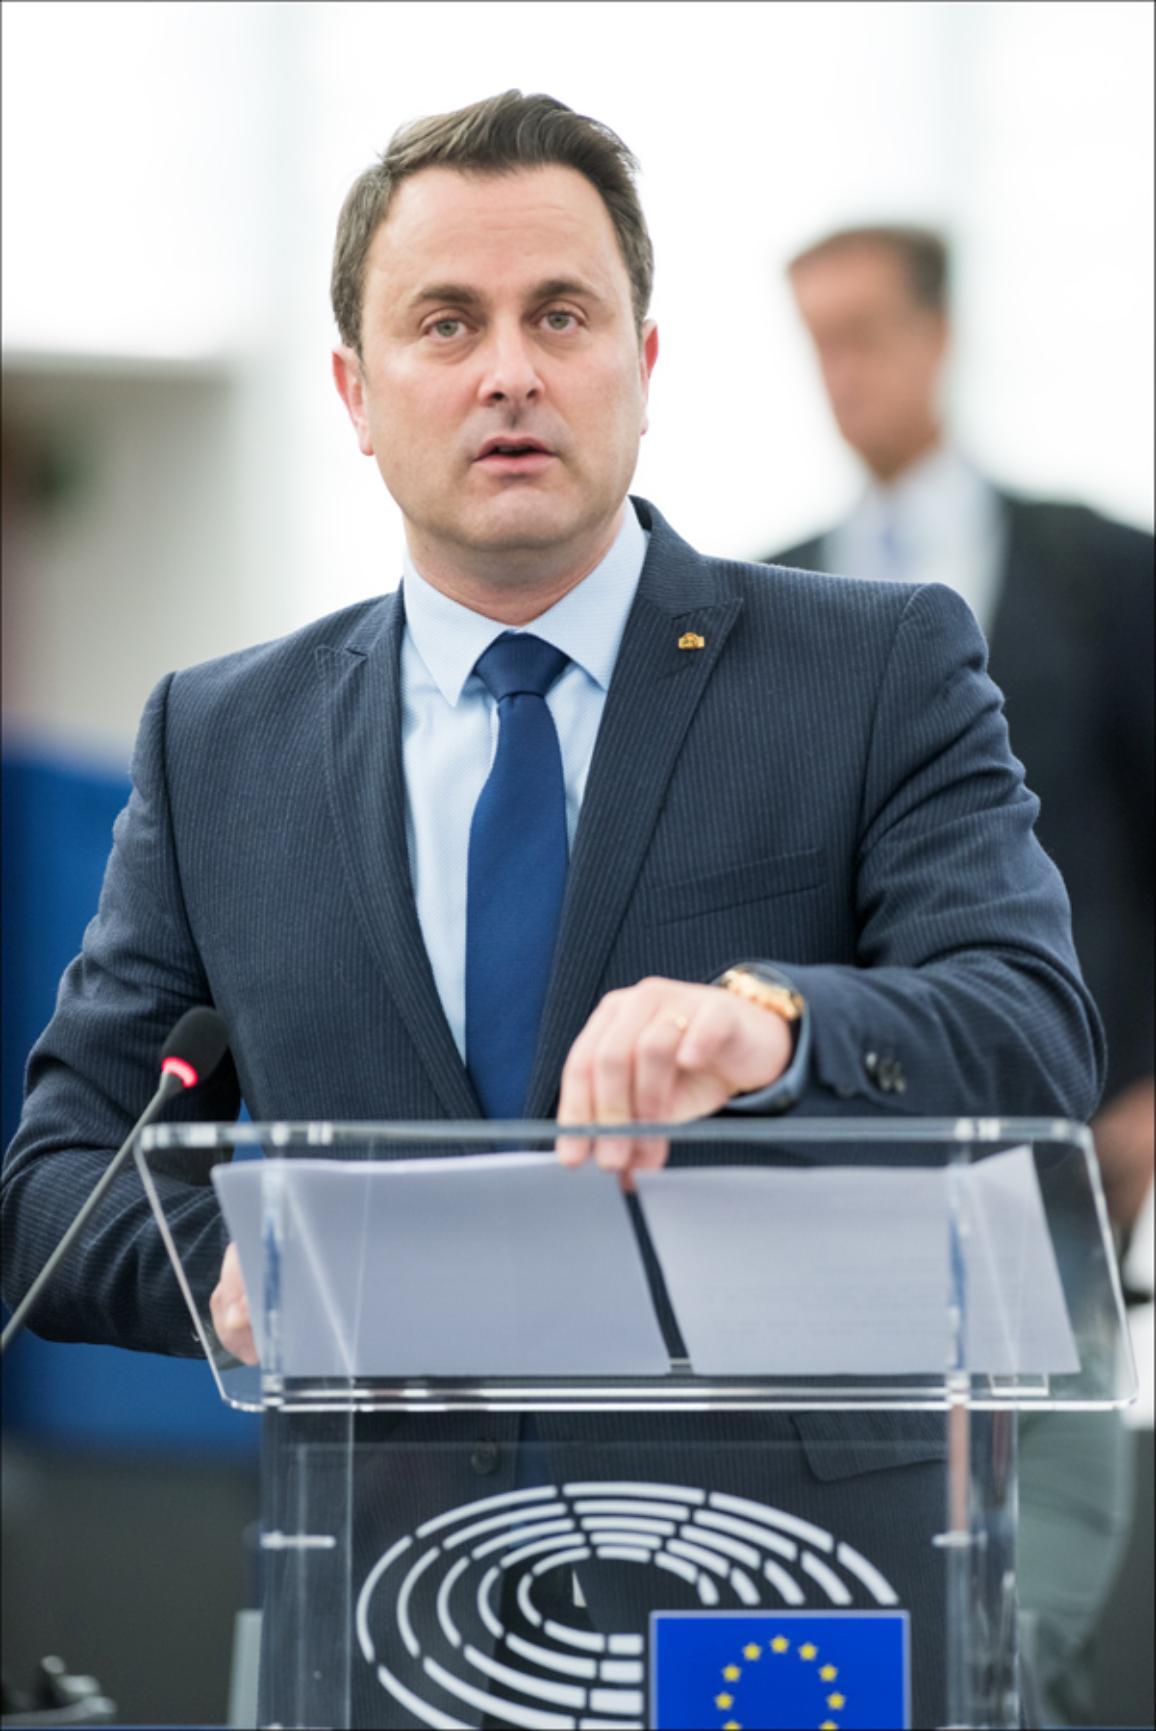 Xavier Bettel - Luxembourg's prime minister